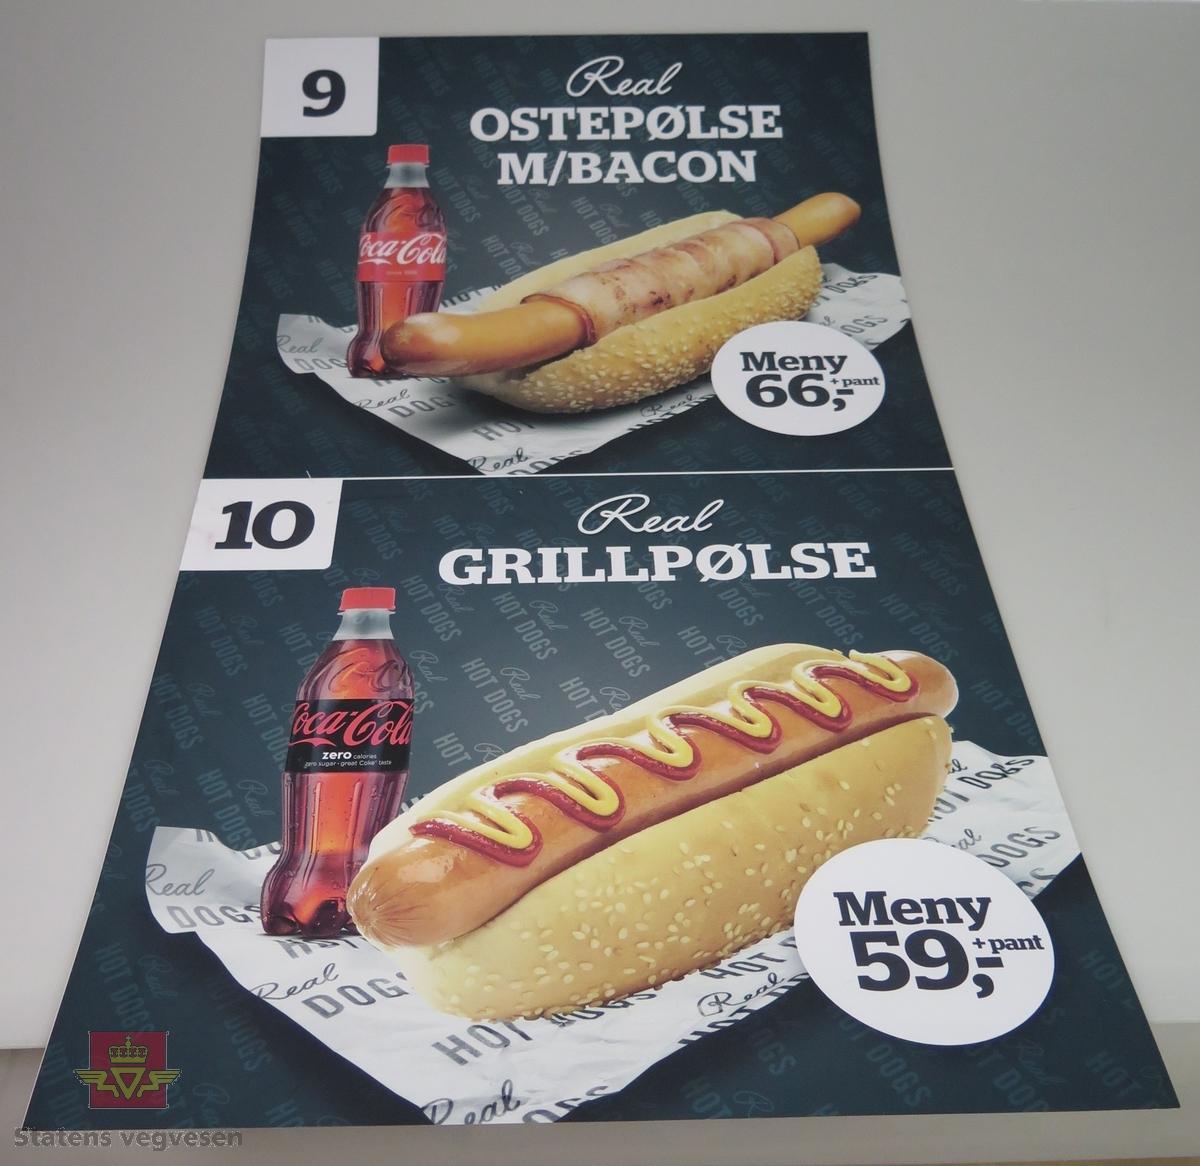 Sju ulike plakater av plast. De reklamerer for salg av pølser og hamburgere hos Statoil.